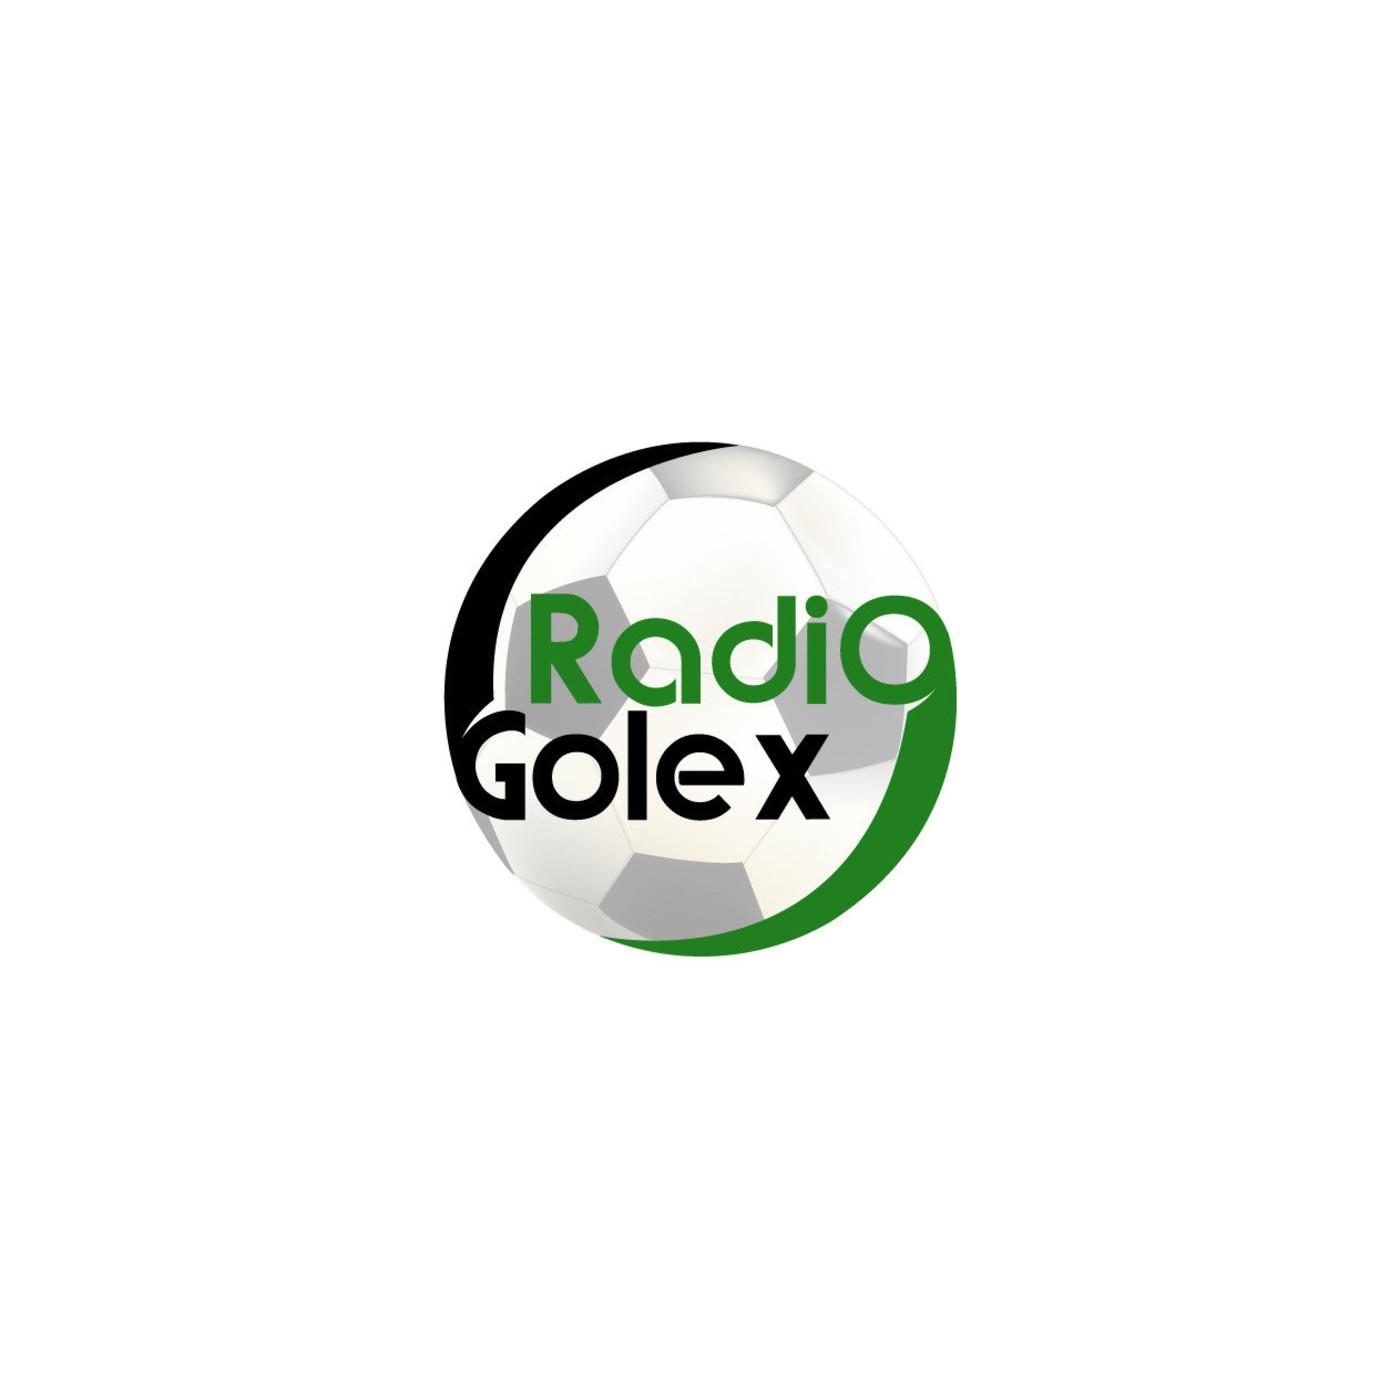 TERTULIA RADIOGOLEX - Lunes 19-10-20